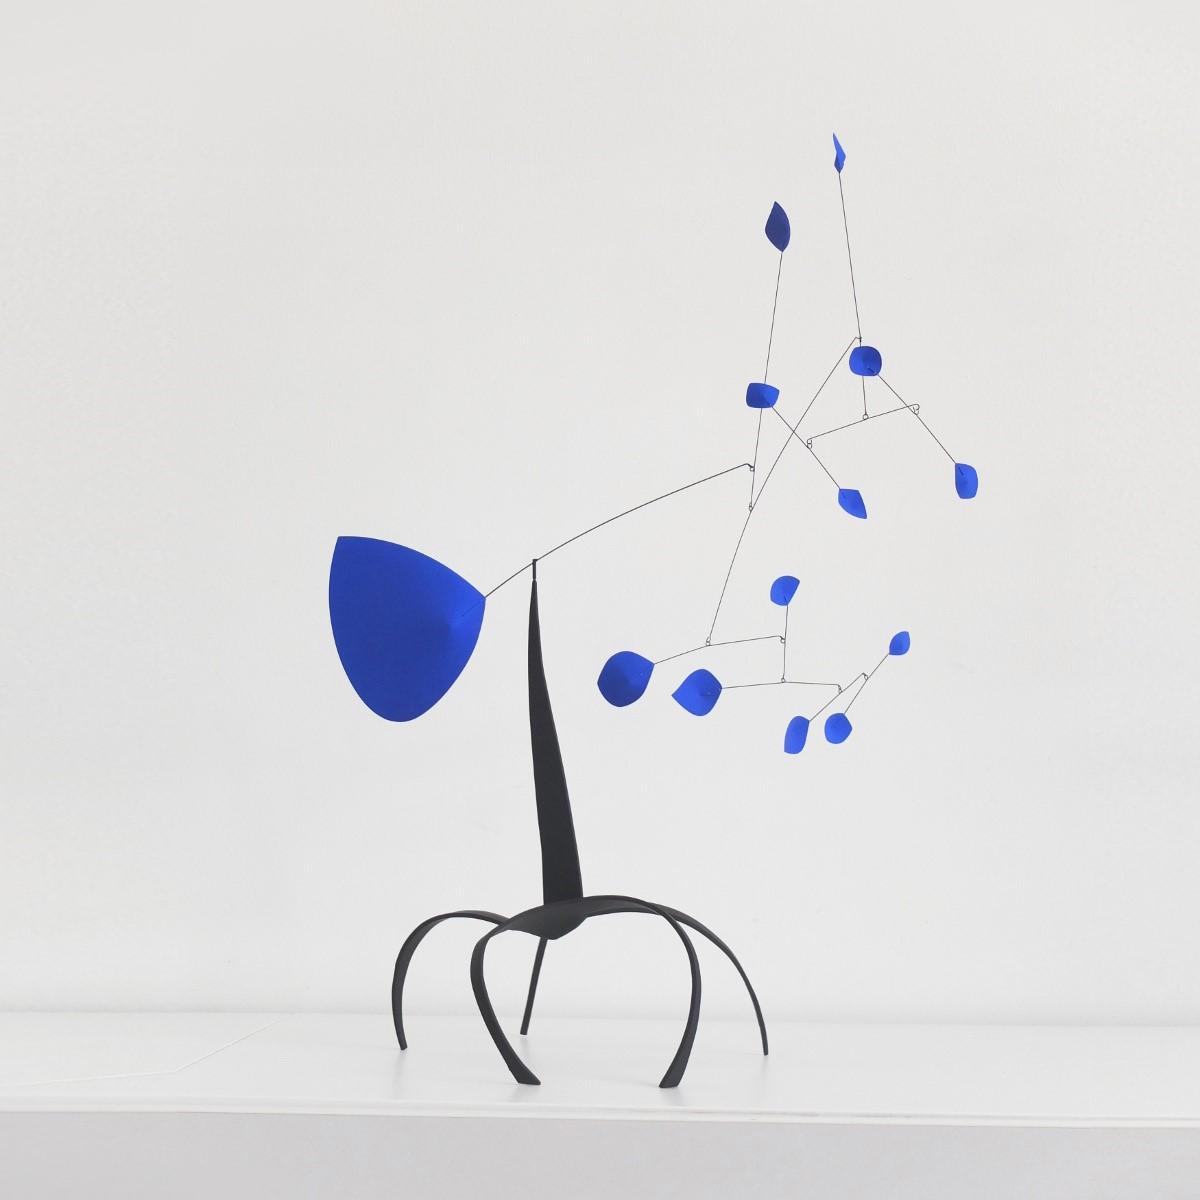 stabile cerisier bleu - 1/1